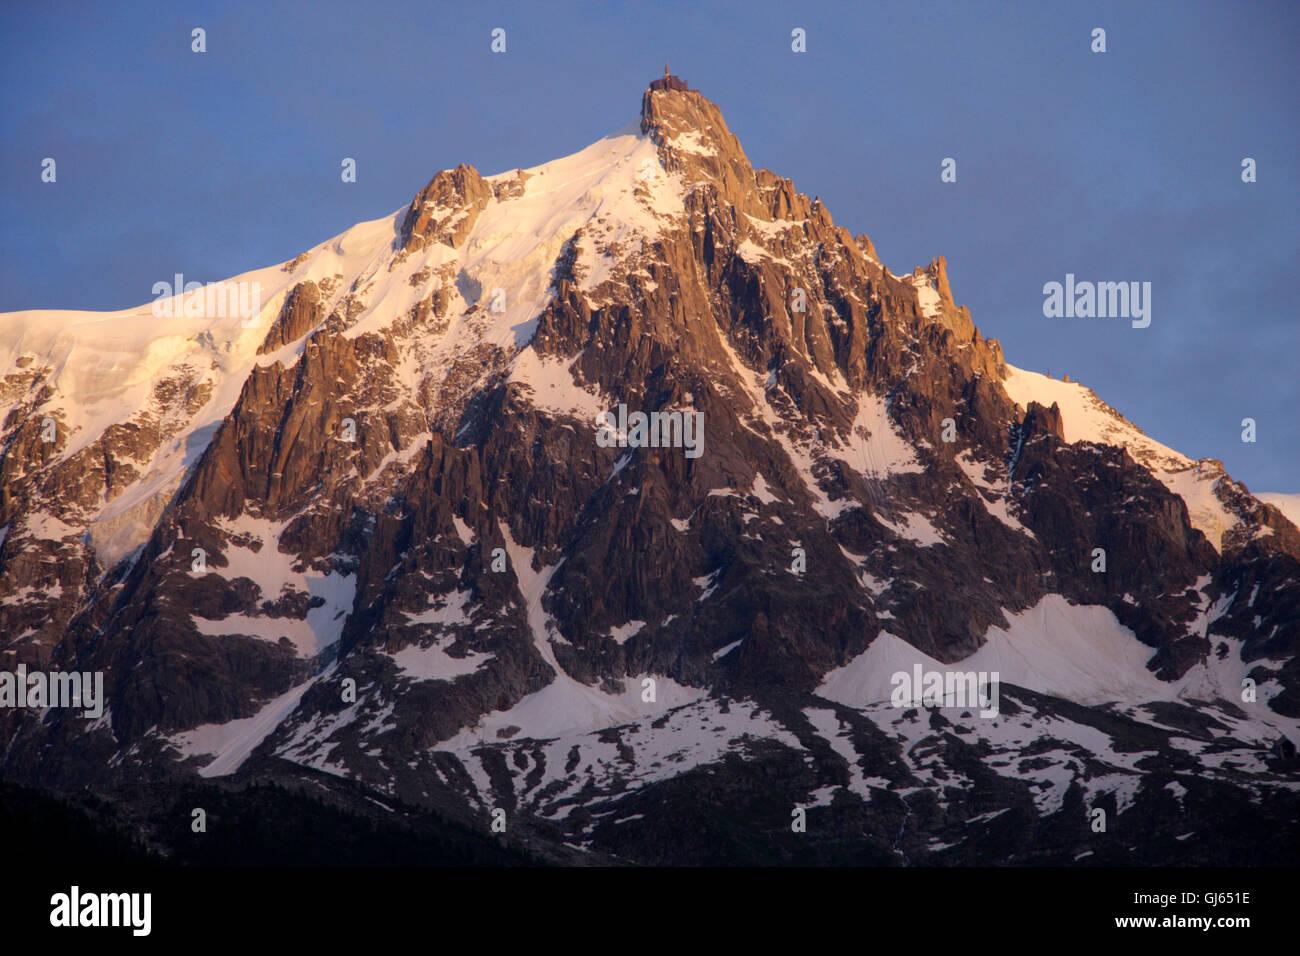 Aiguille du Midi, Mont Blanc, Frankreich. - Stock Image